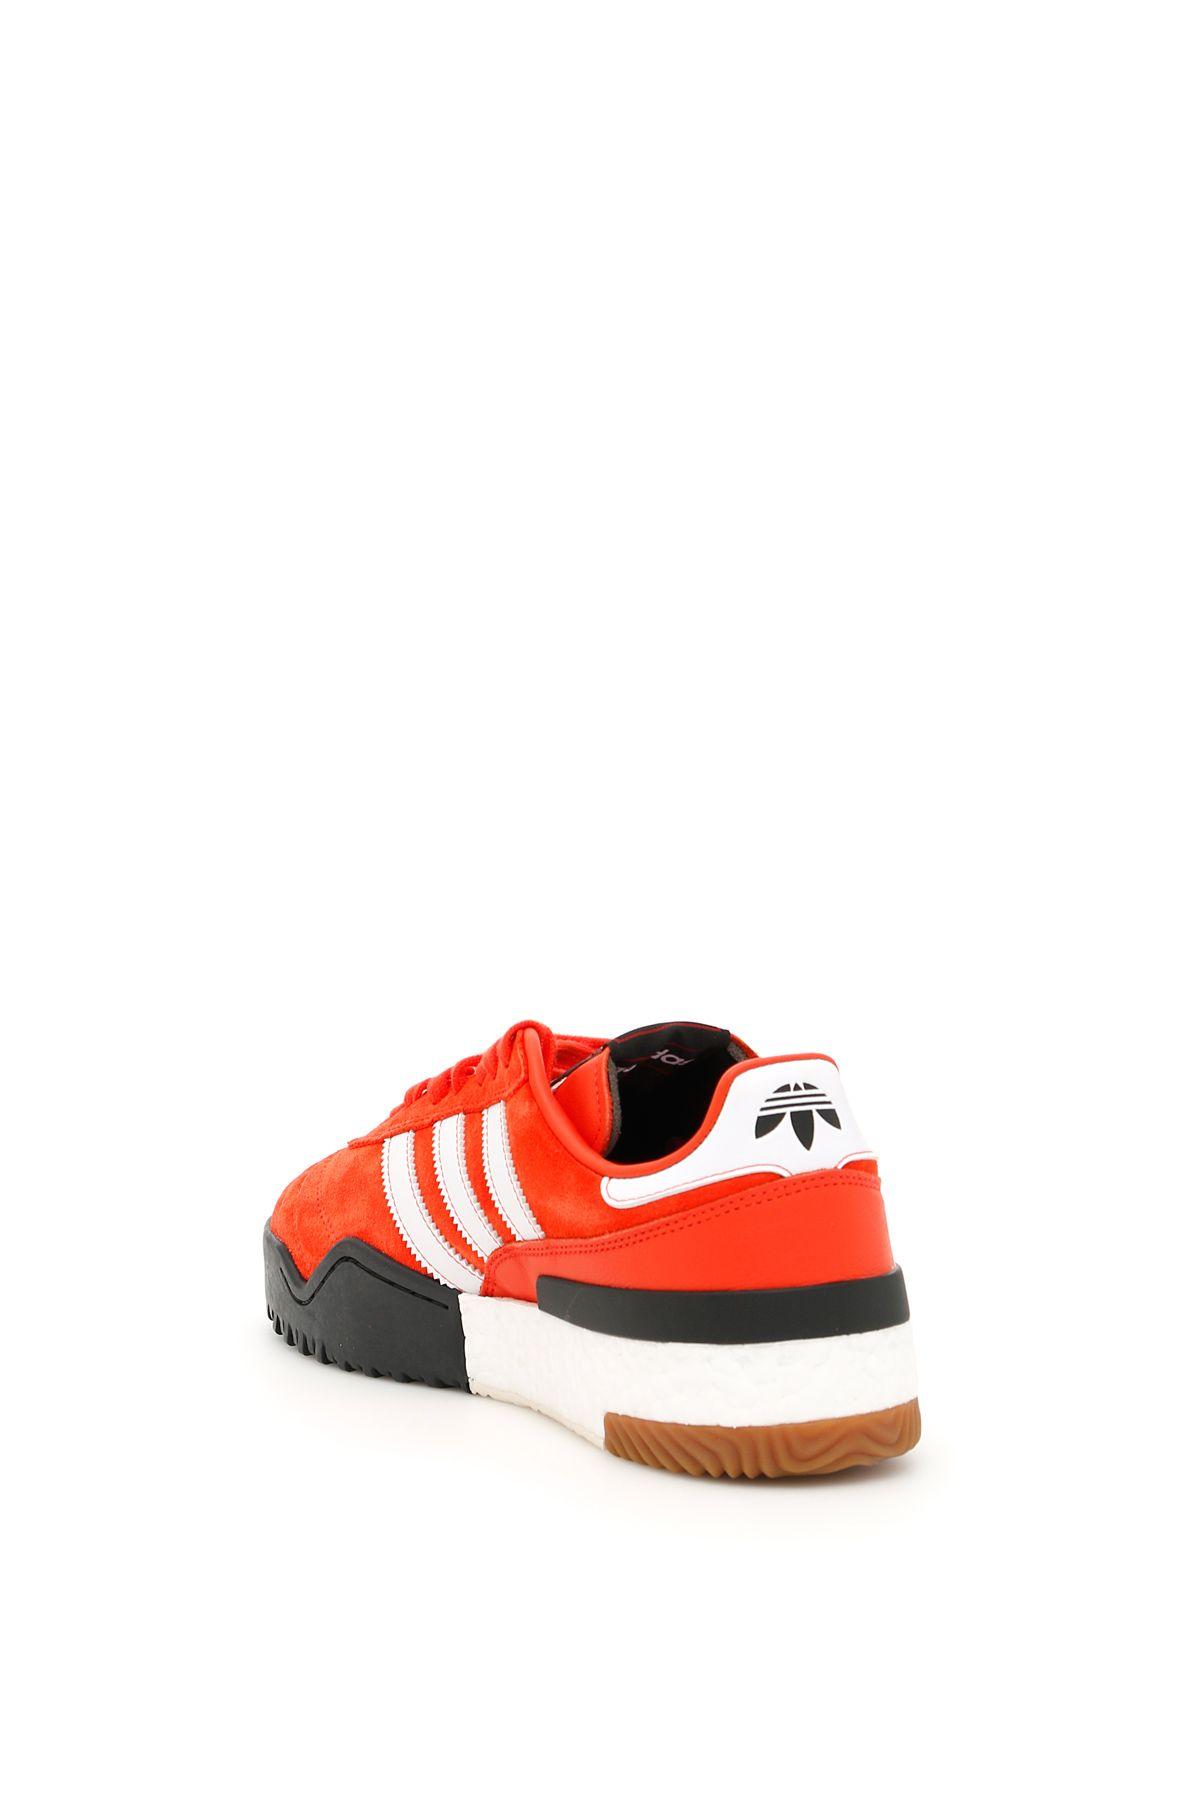 Adidas da alexander wang - calcio scarpe orang - cosa bballname